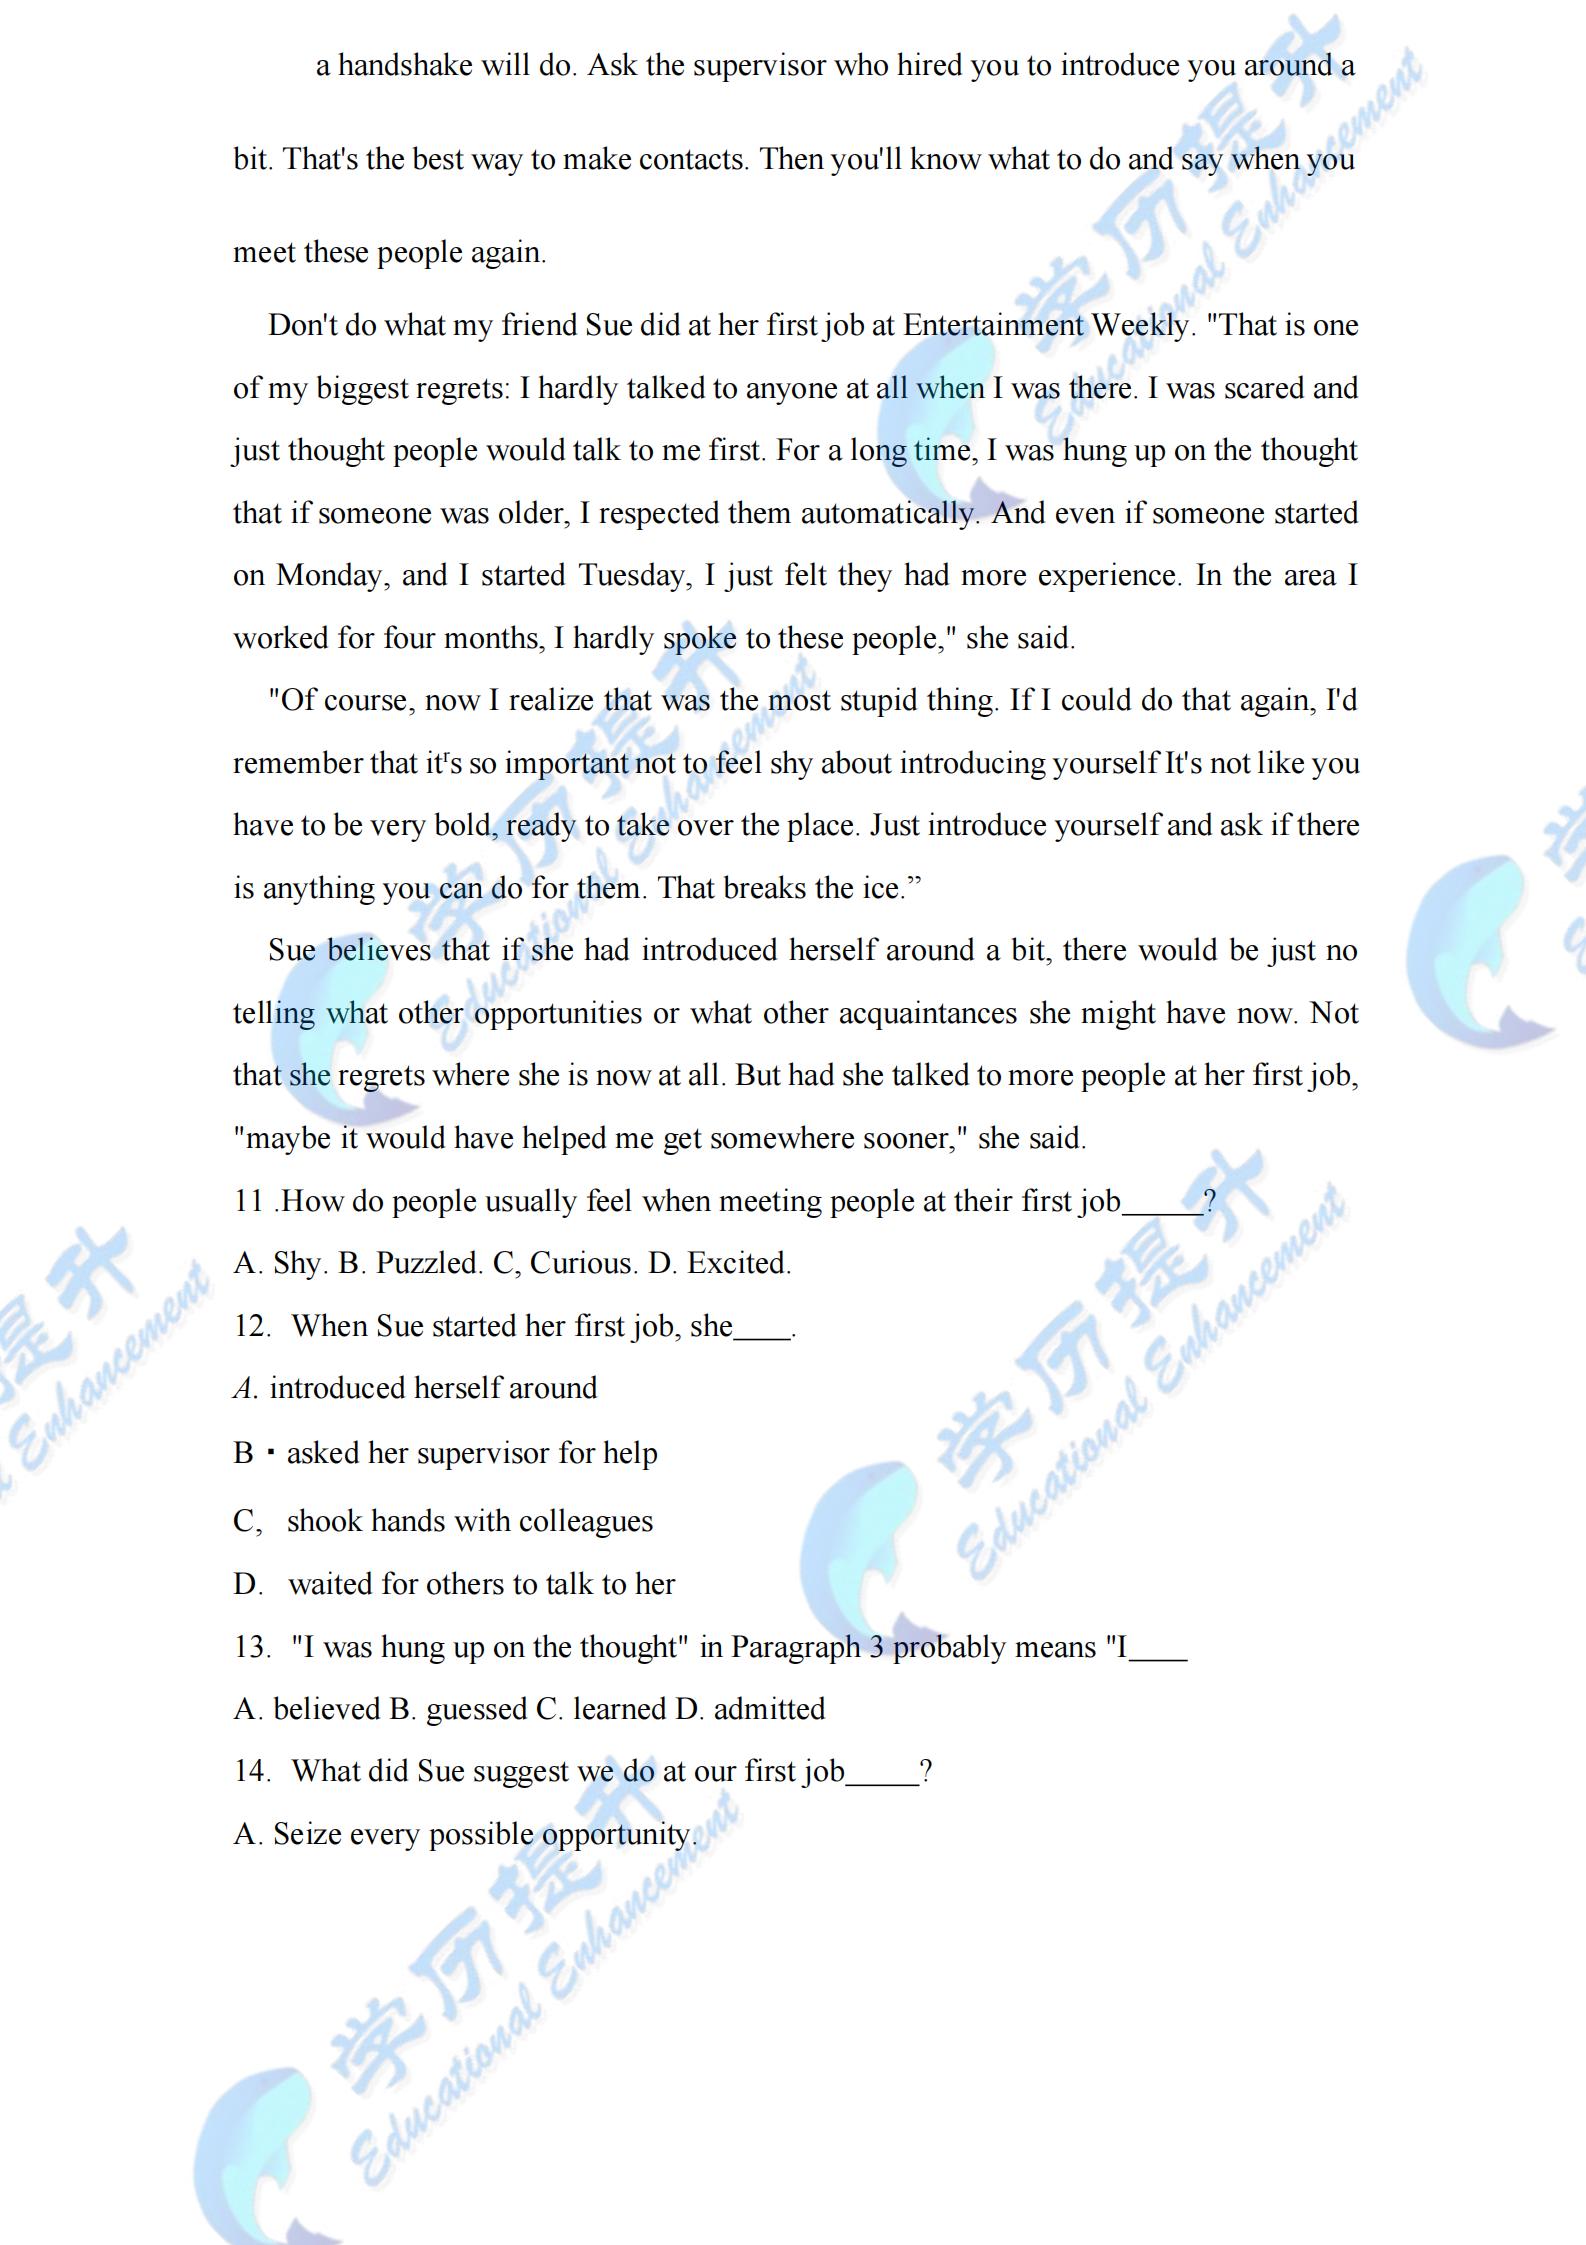 2015年自考本科(英语科目一)考试真题及答案在线下载